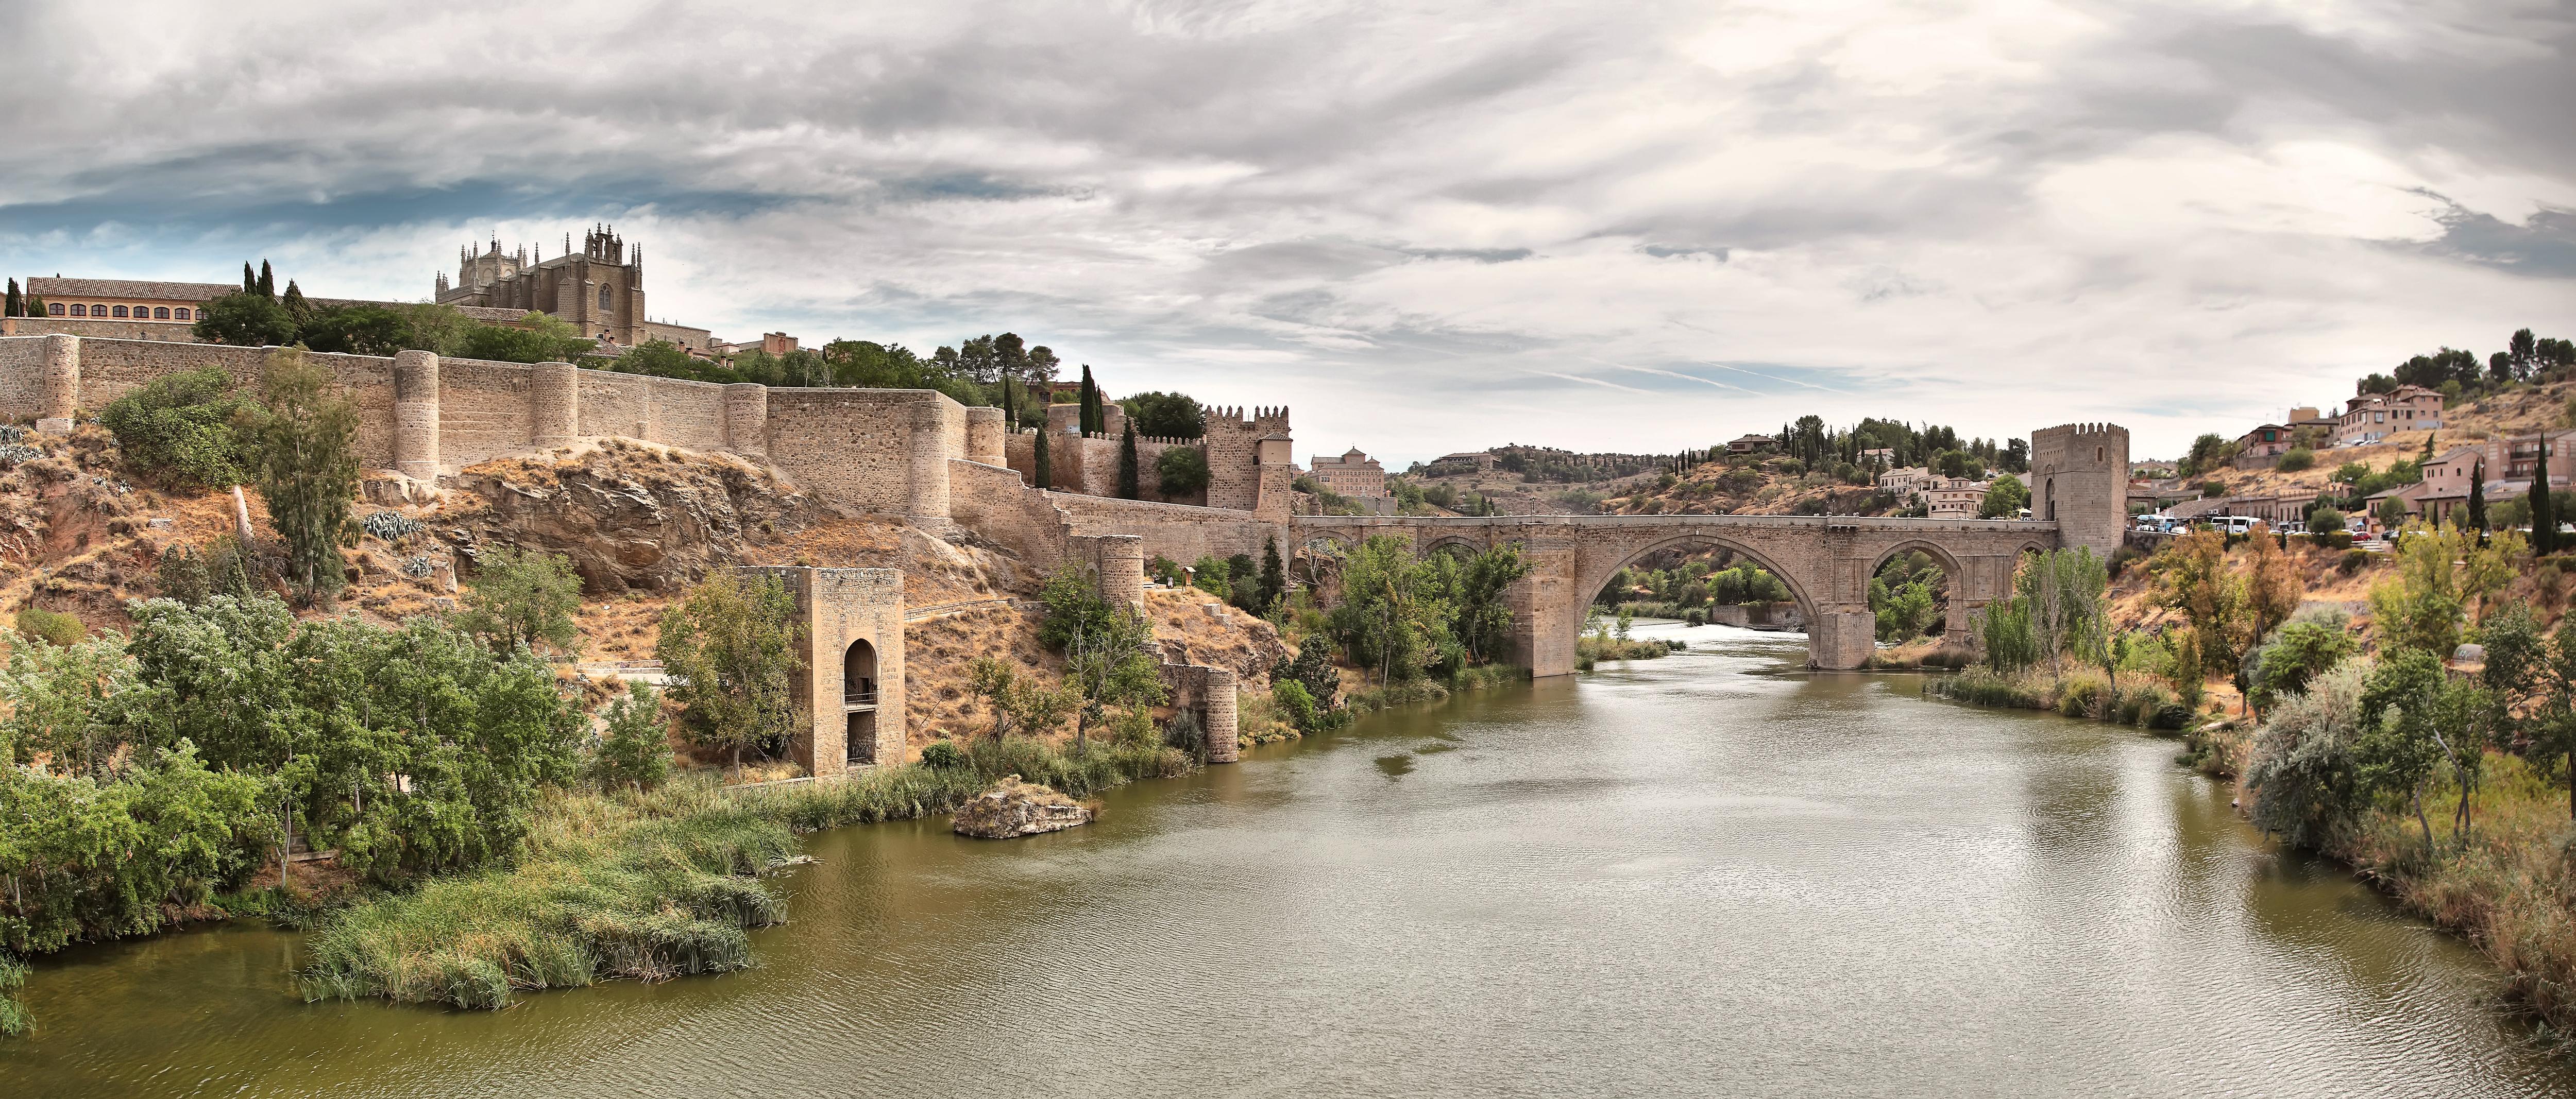 Puente San Martin Toledo el Puente de San Martín